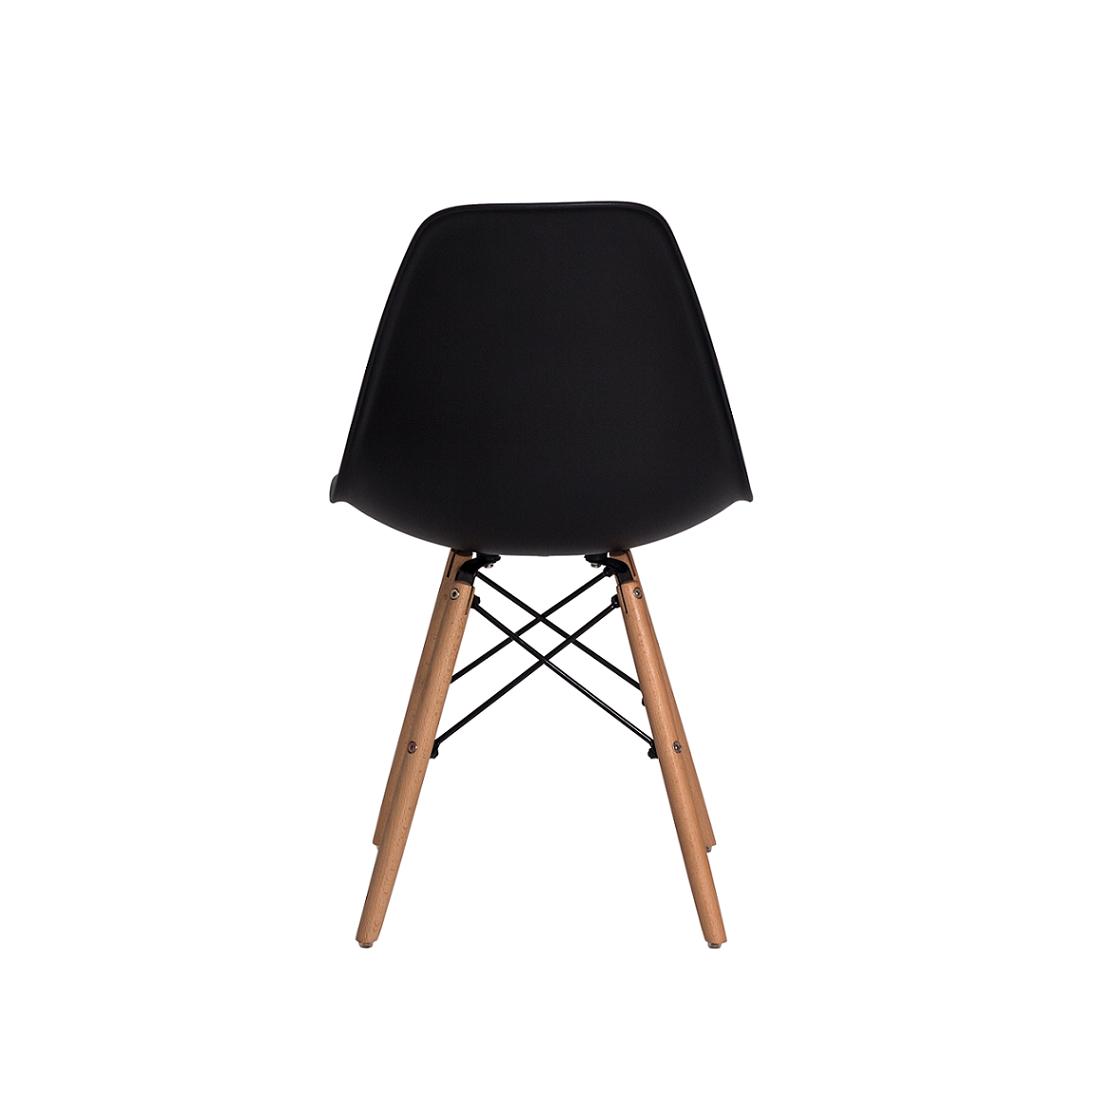 Cadeira De Jantar Charles Eames Eiffel Preta Com Base De Madeira